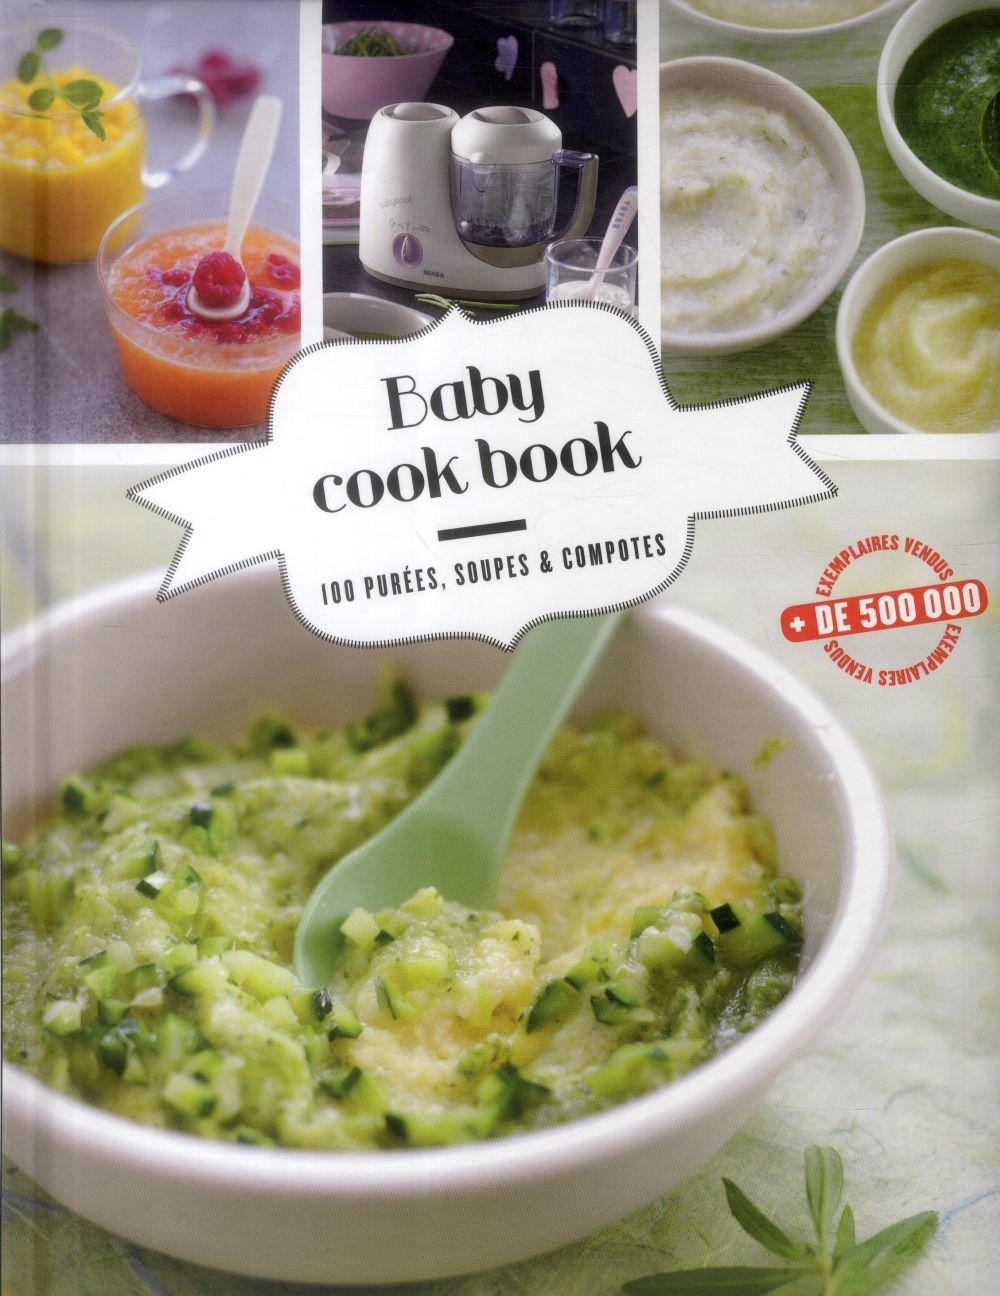 Babycook book ; 100 purées, soupes et compotes